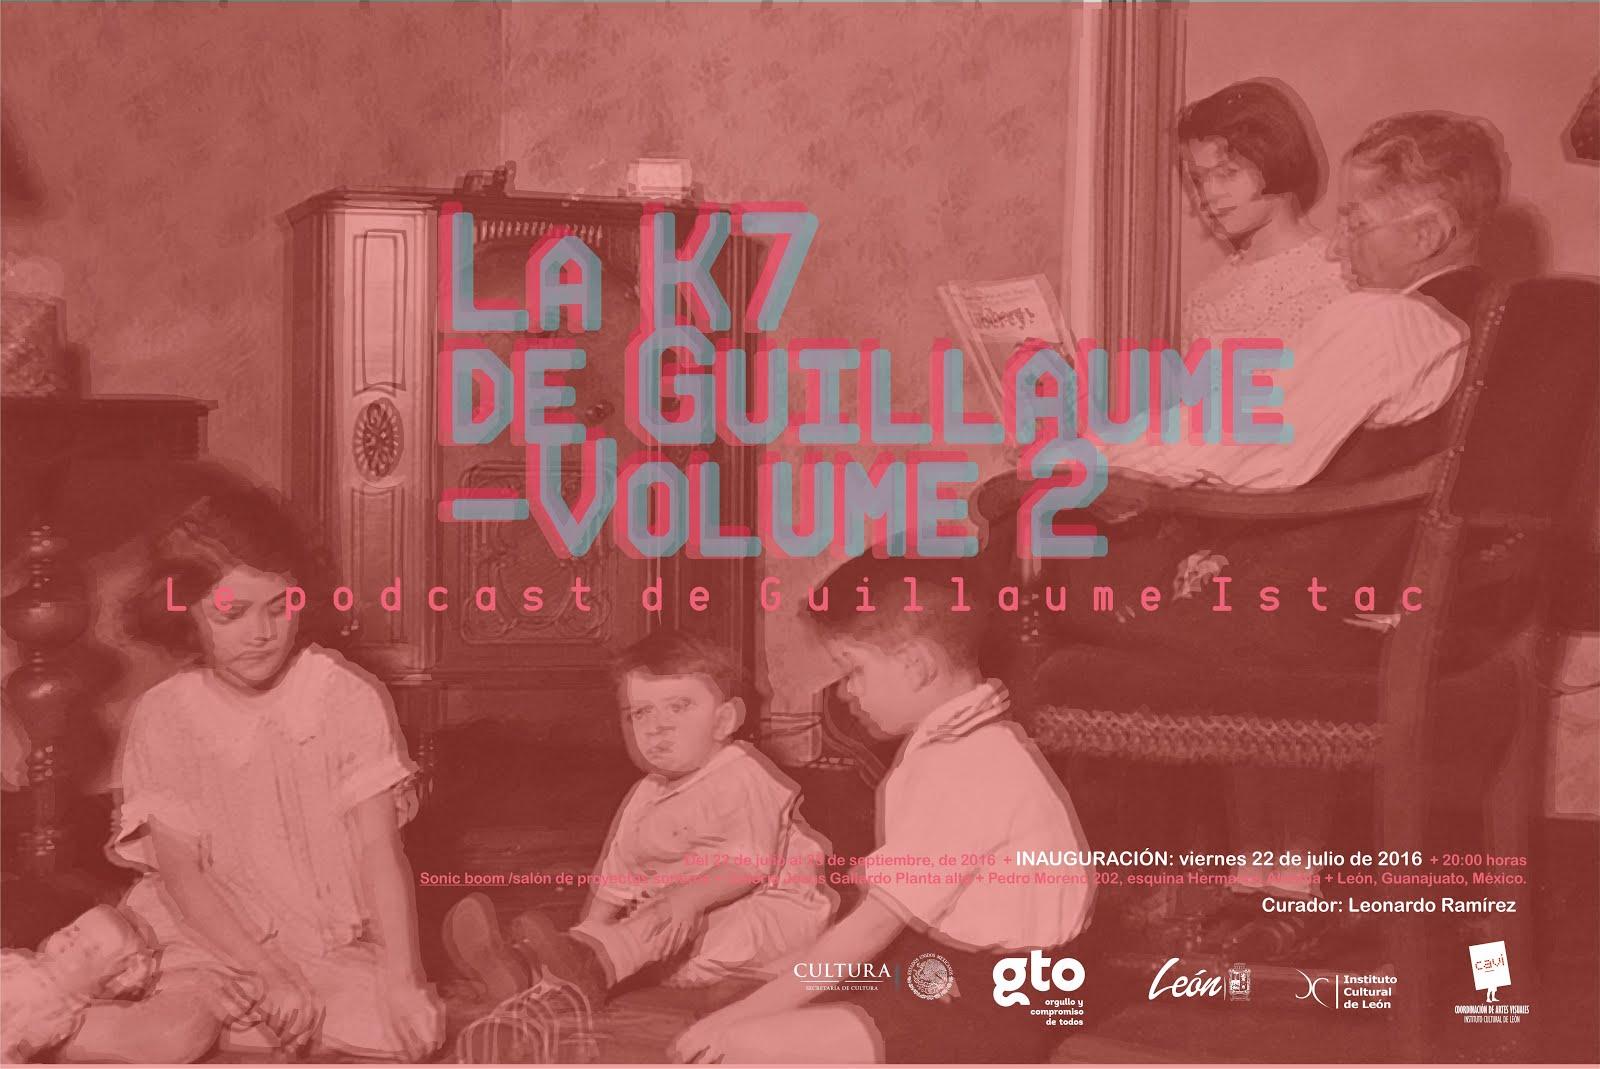 La K7 de Guillaume - Volume 2